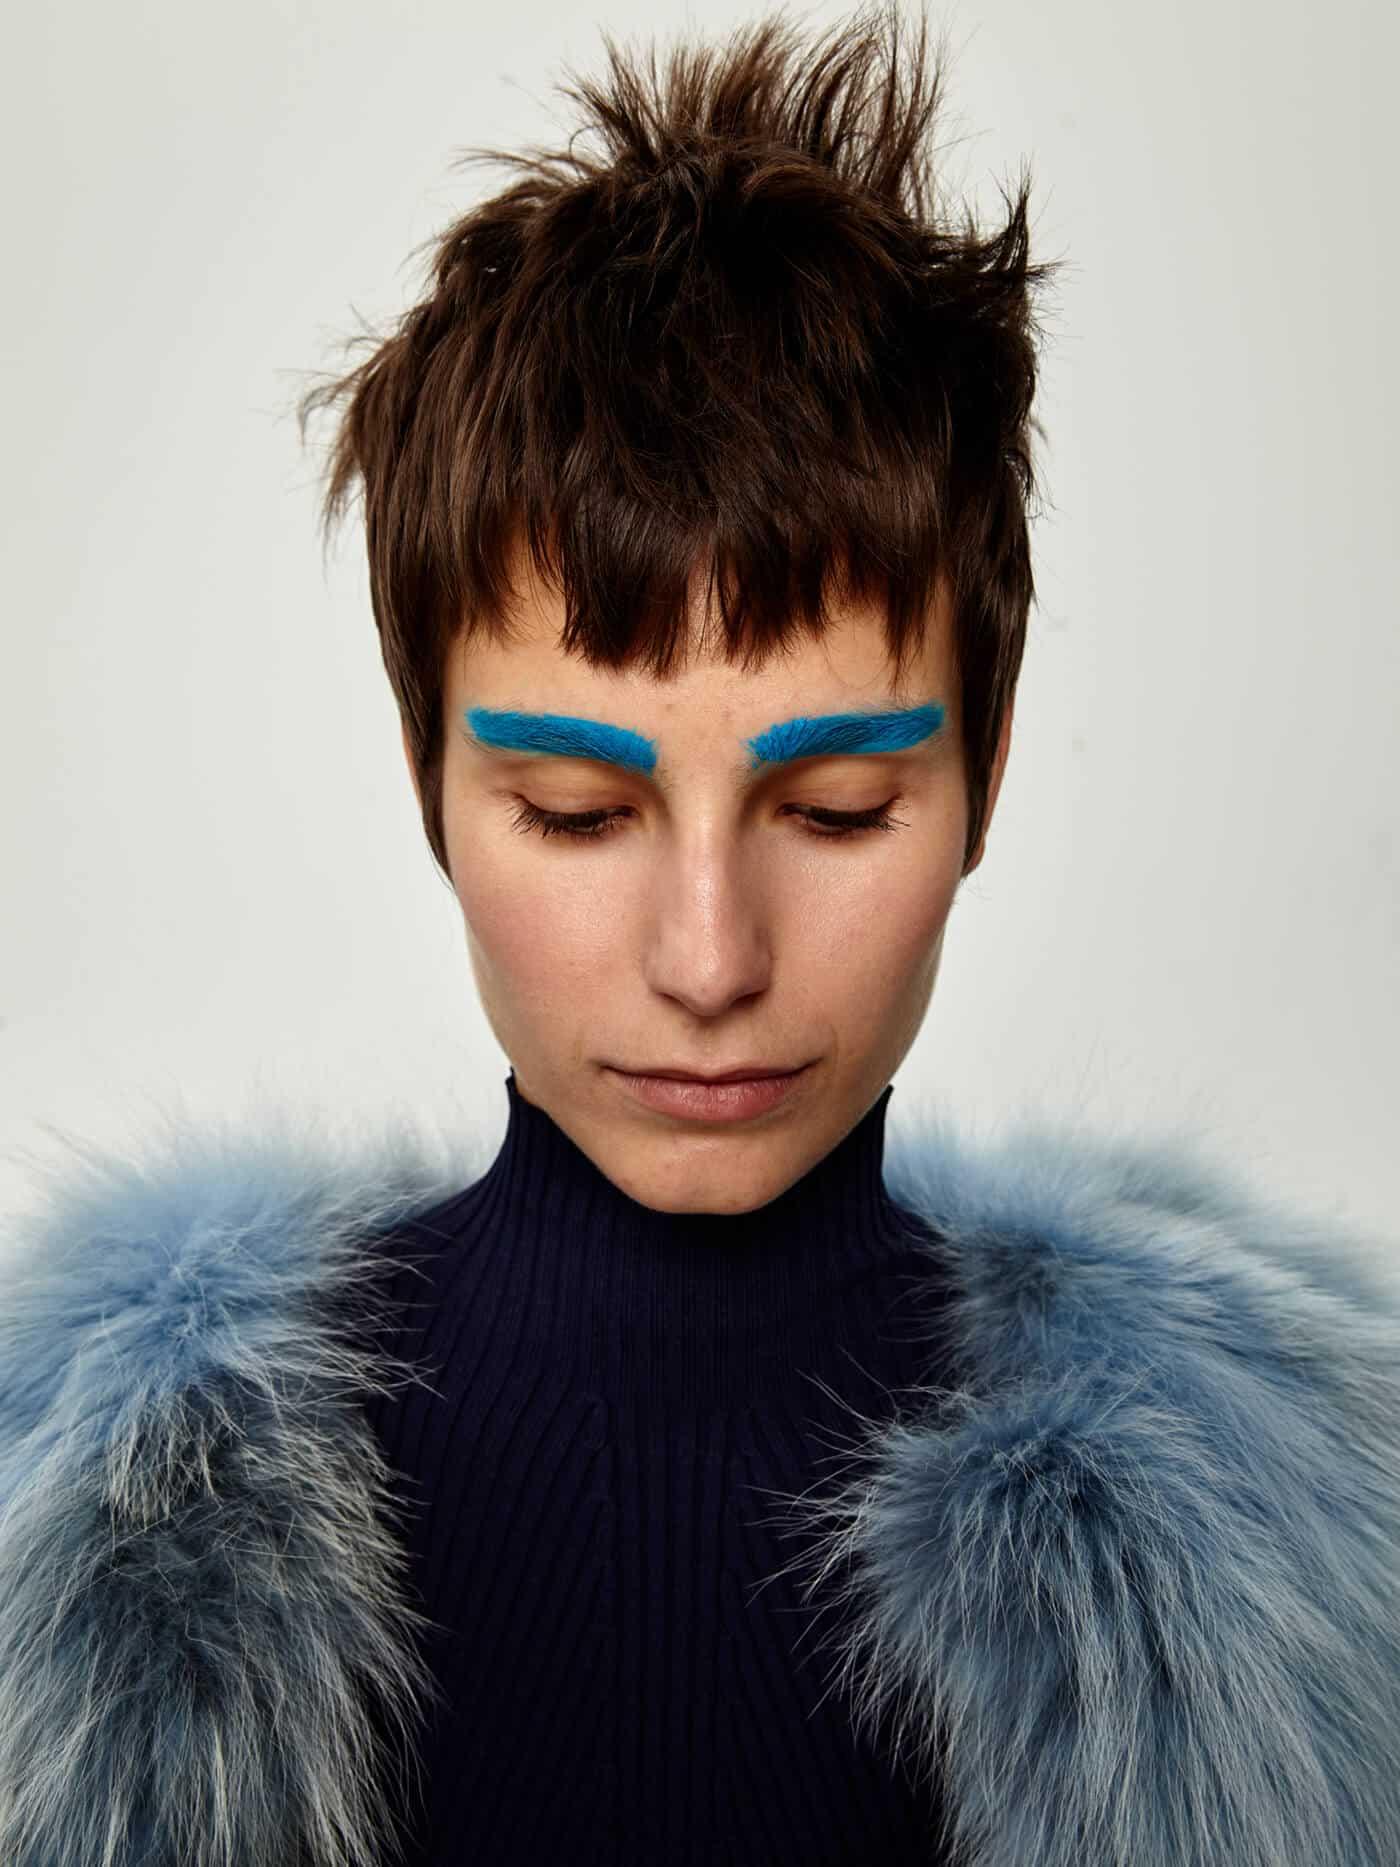 коллекции нестандартной моды 2017, фото 10